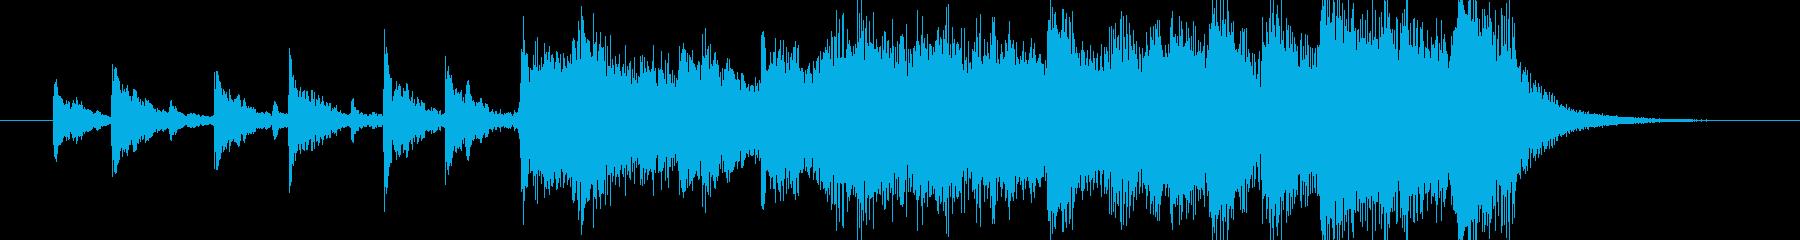 ビックバンドアレンジオープニングジングルの再生済みの波形